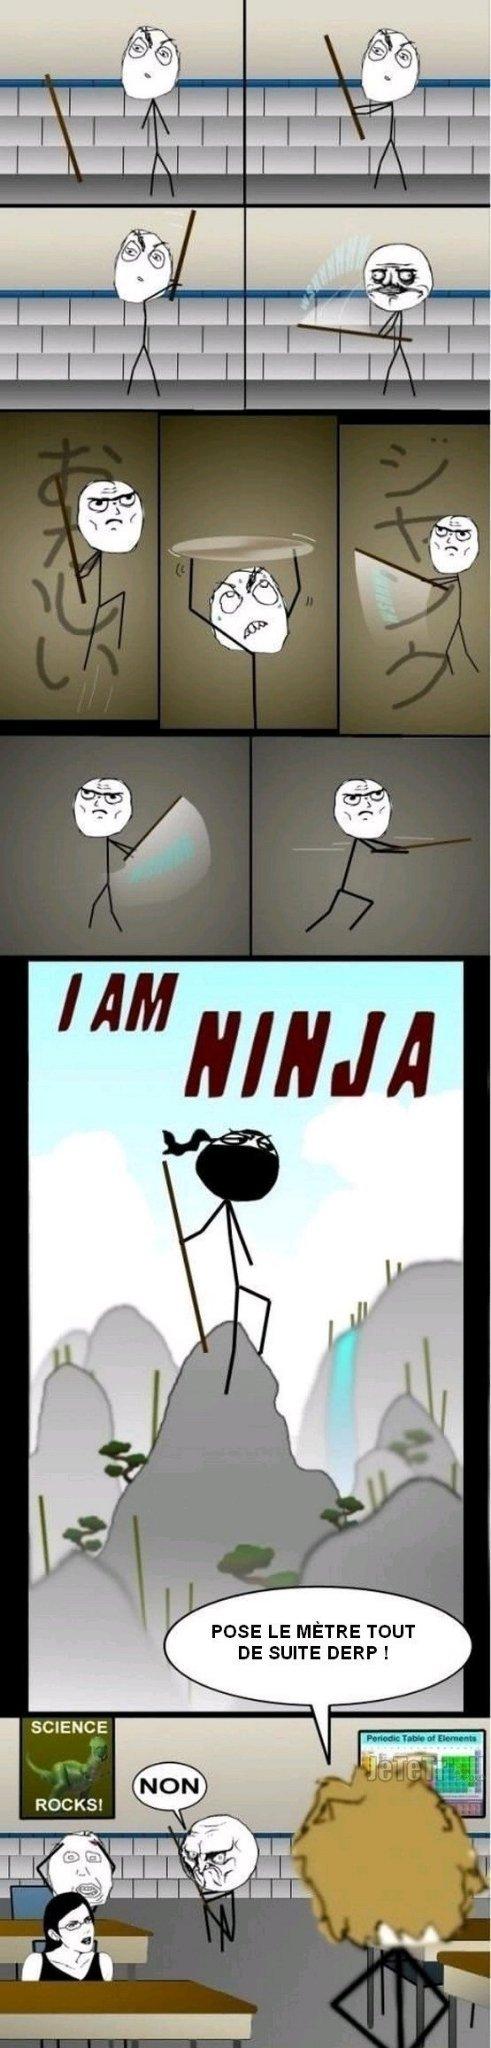 Je suis un Ninja - meme